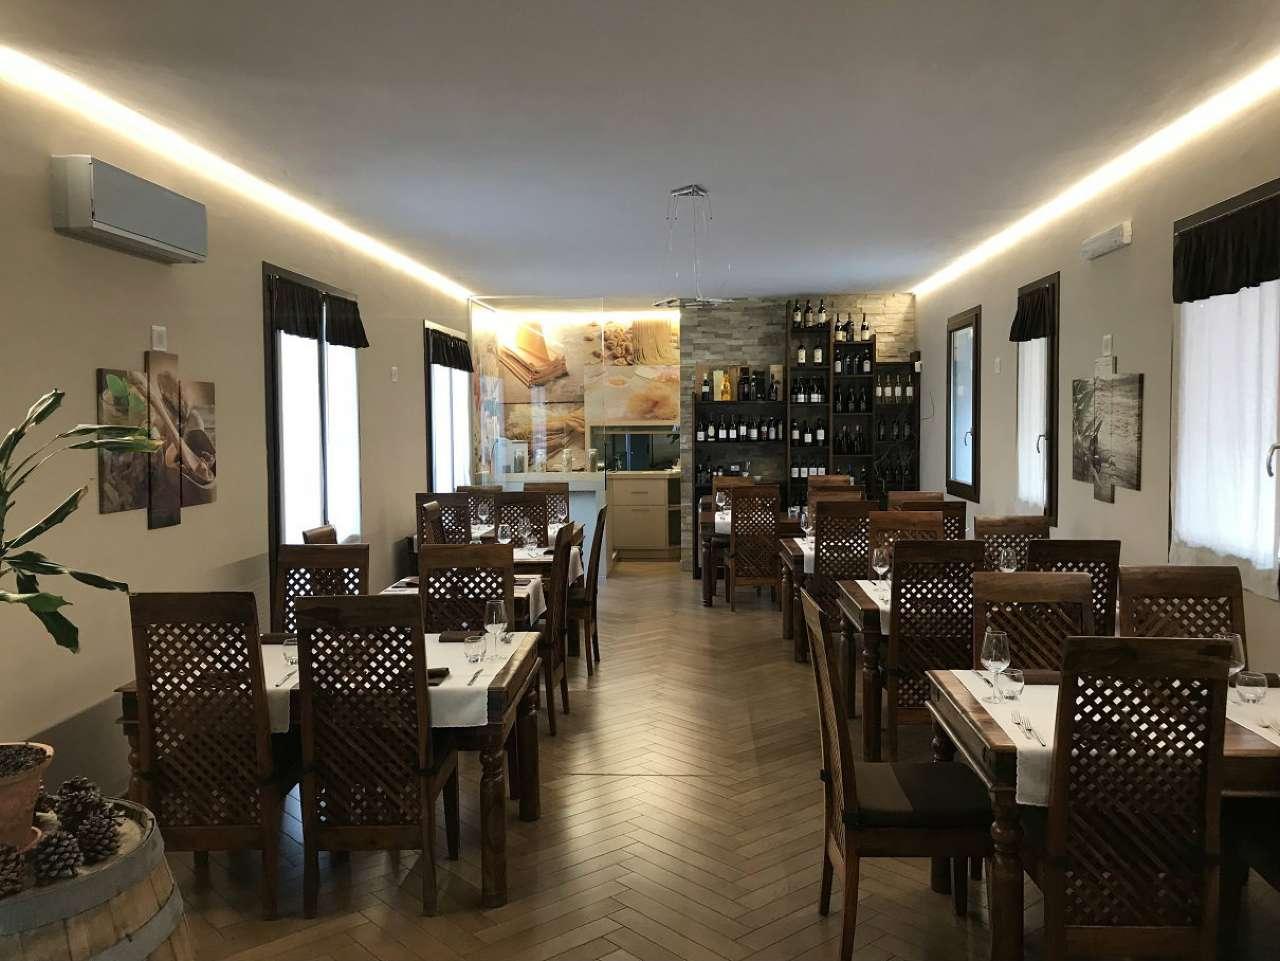 Ristorante / Pizzeria / Trattoria in Vendita a Parabiago